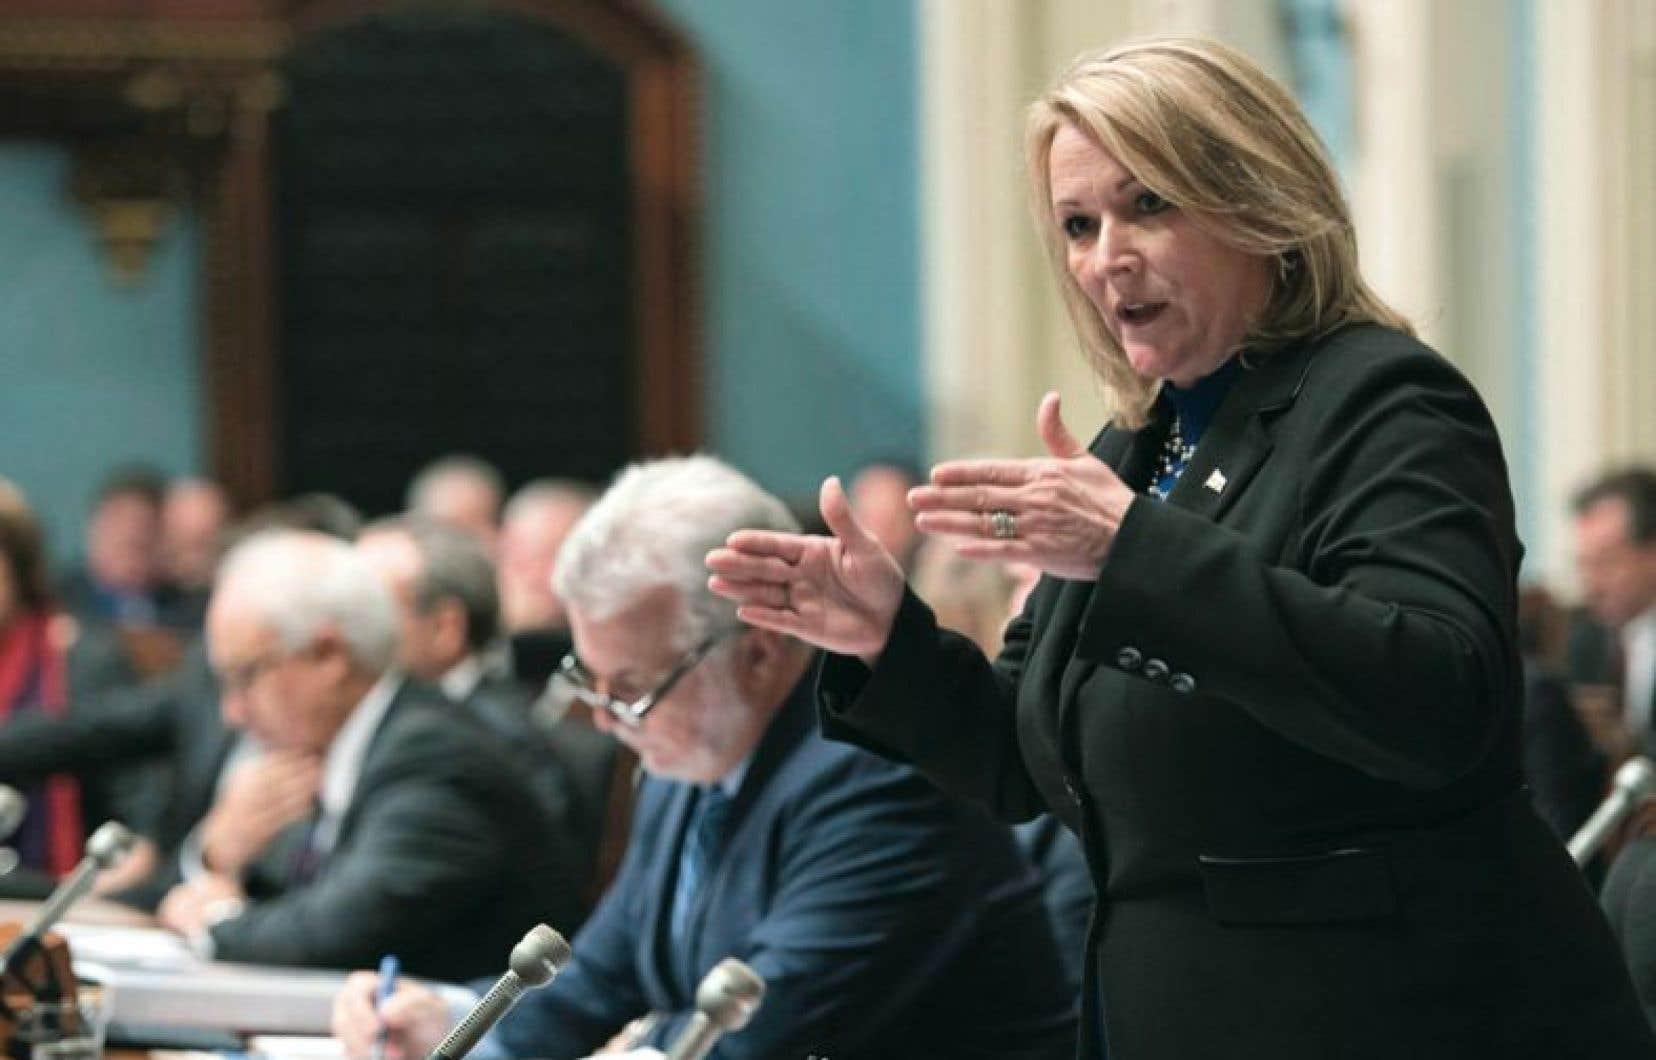 La vice-première ministre Lise Thériault a affirmé qu'il est «archifaux de dire que le gouvernement a arrêté des travaux ou qu'on a mis sur la tablette des rapports».